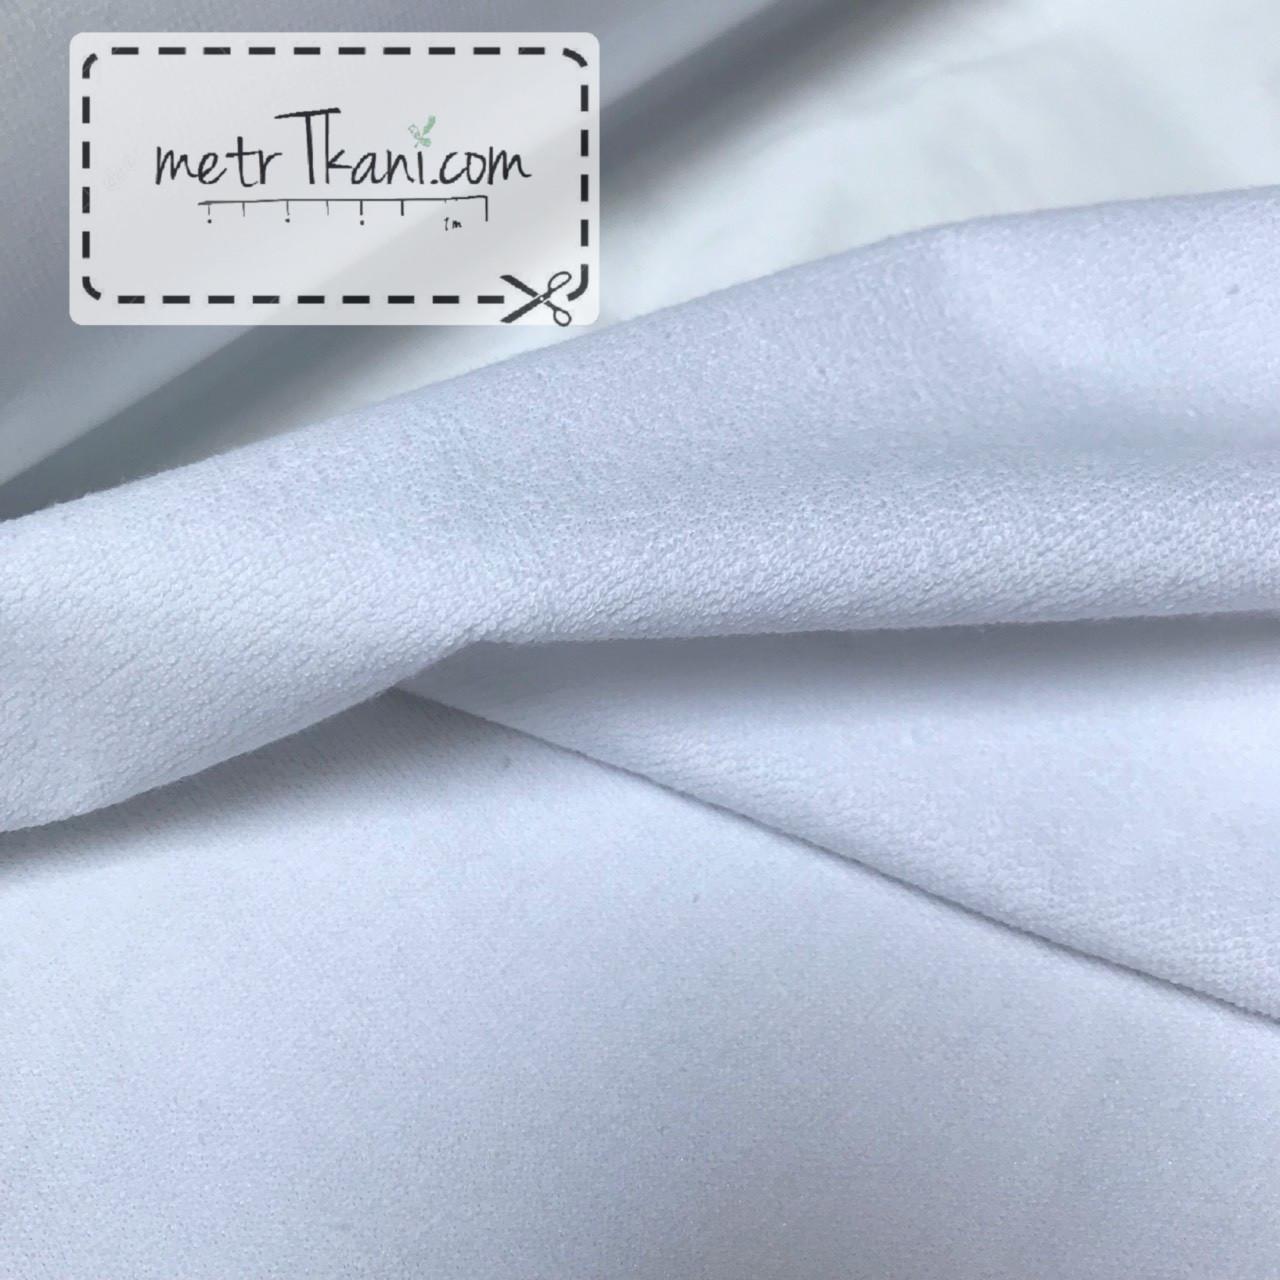 Ткань мембранная купить ткани сатин купить в розницу в москве